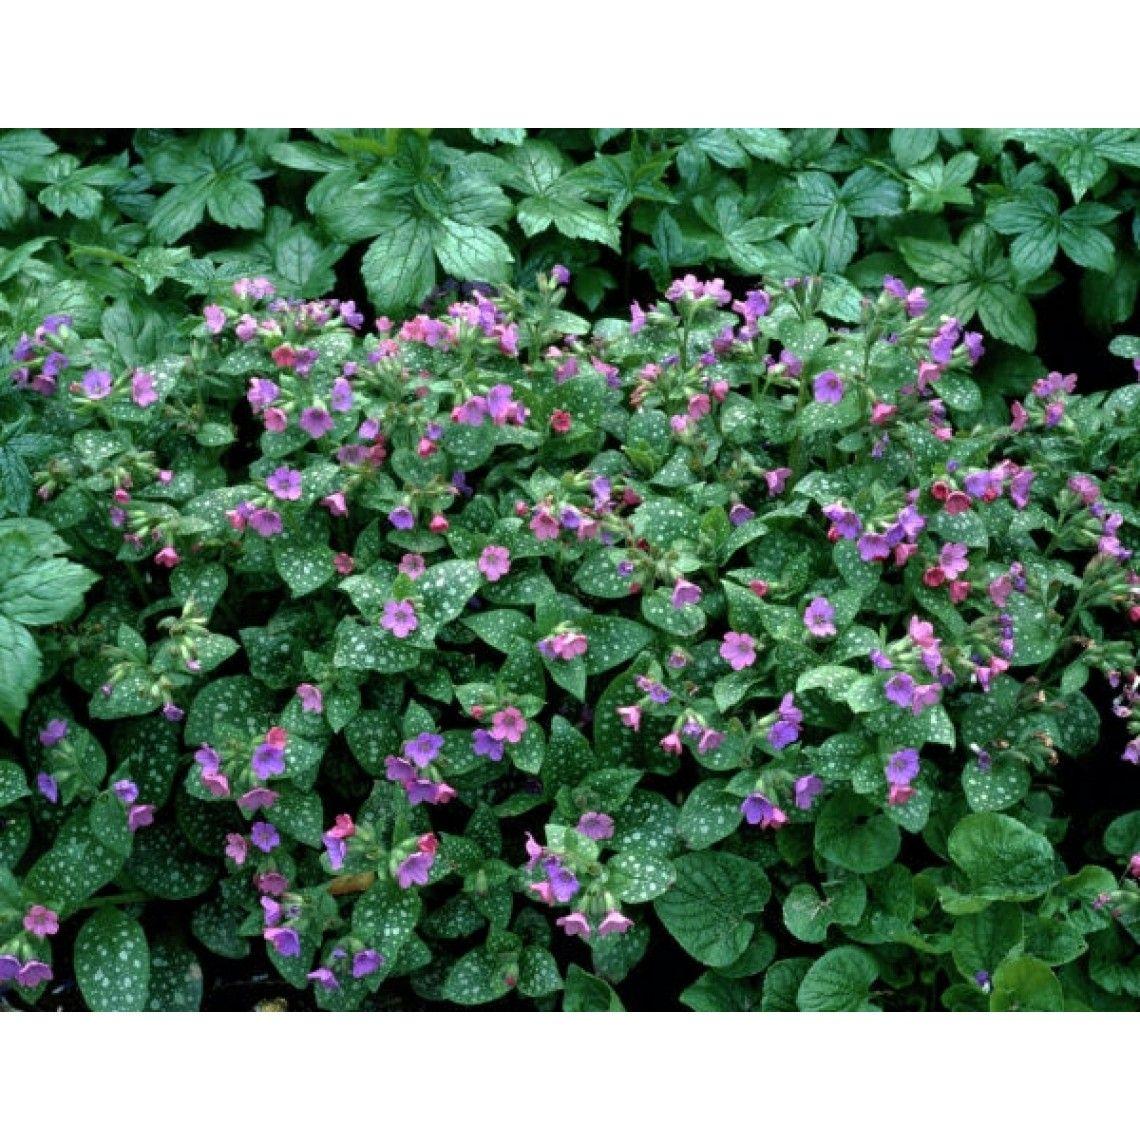 Valkotäpläimikkä/ Brokbladig lungört. Passar tillsammans med hosta. Blommar tidigt på våren.